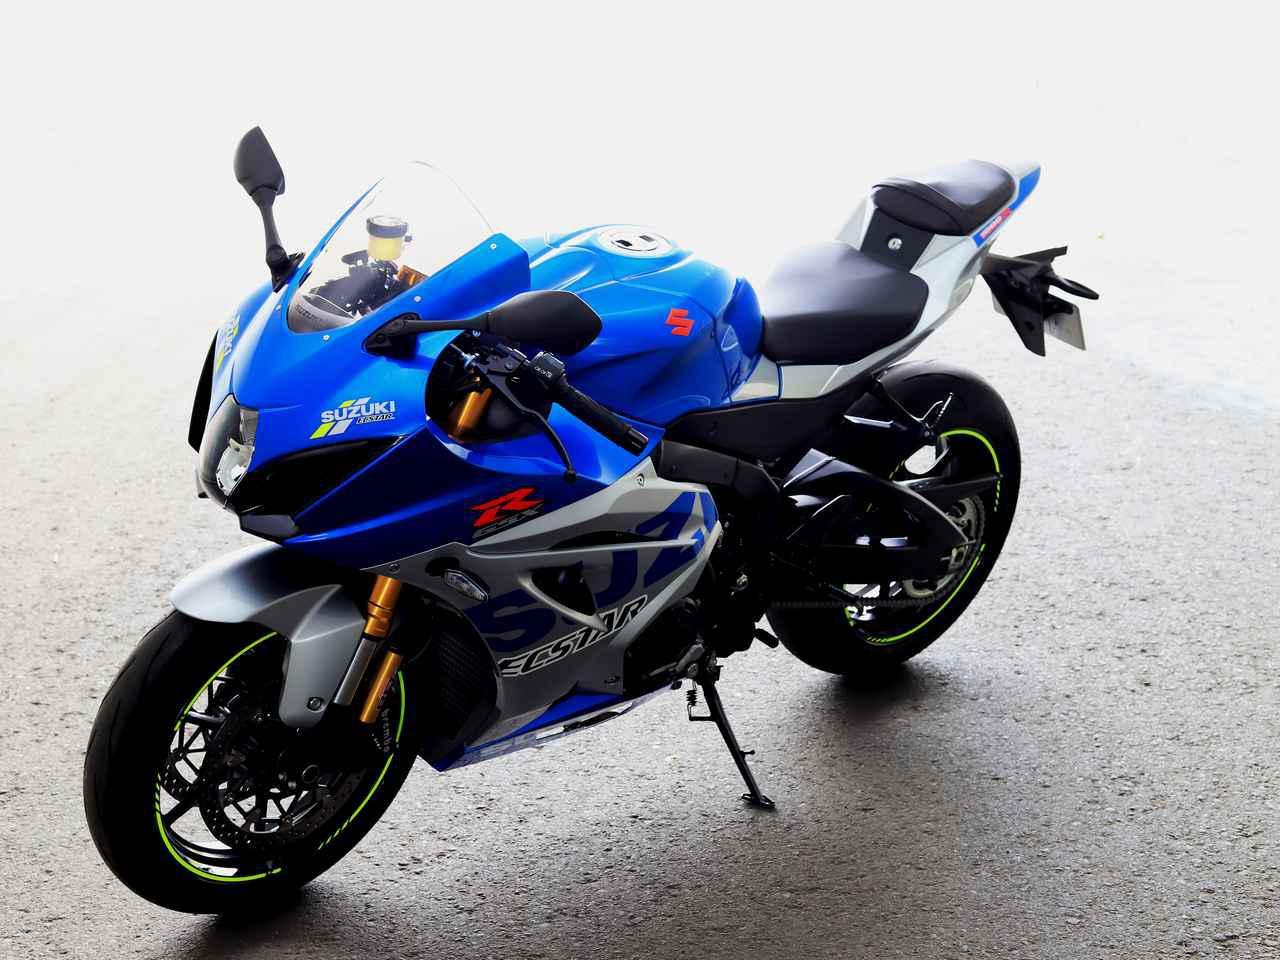 画像: スズキでいちばん高級&最強! スーパースポーツ『GSX-R1000R』ってどんなバイク?【SUZUKI GSX-R1000R 試乗インプレ まとめ】 - webオートバイ